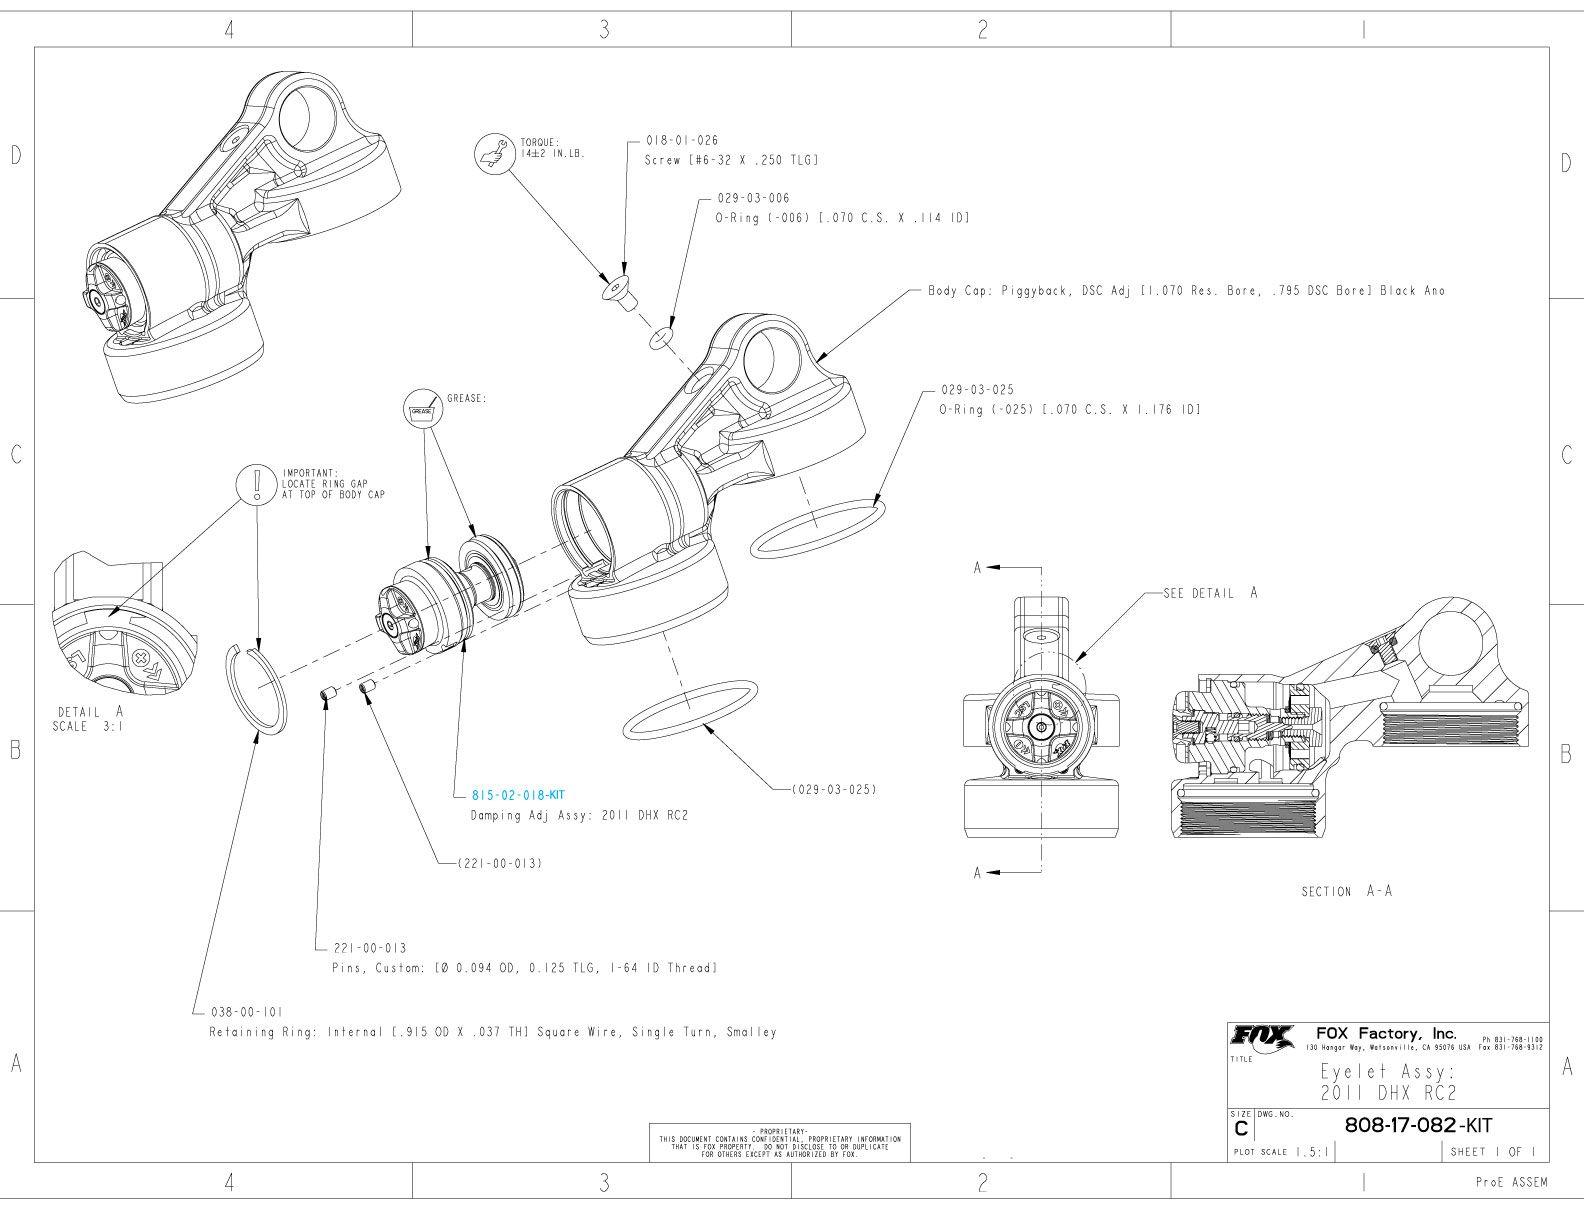 rc4 wiring diagram wiring diagram details Basic Electrical Schematic Diagrams rc4 wiring diagram wiring diagram data schema rc4 wiring diagram